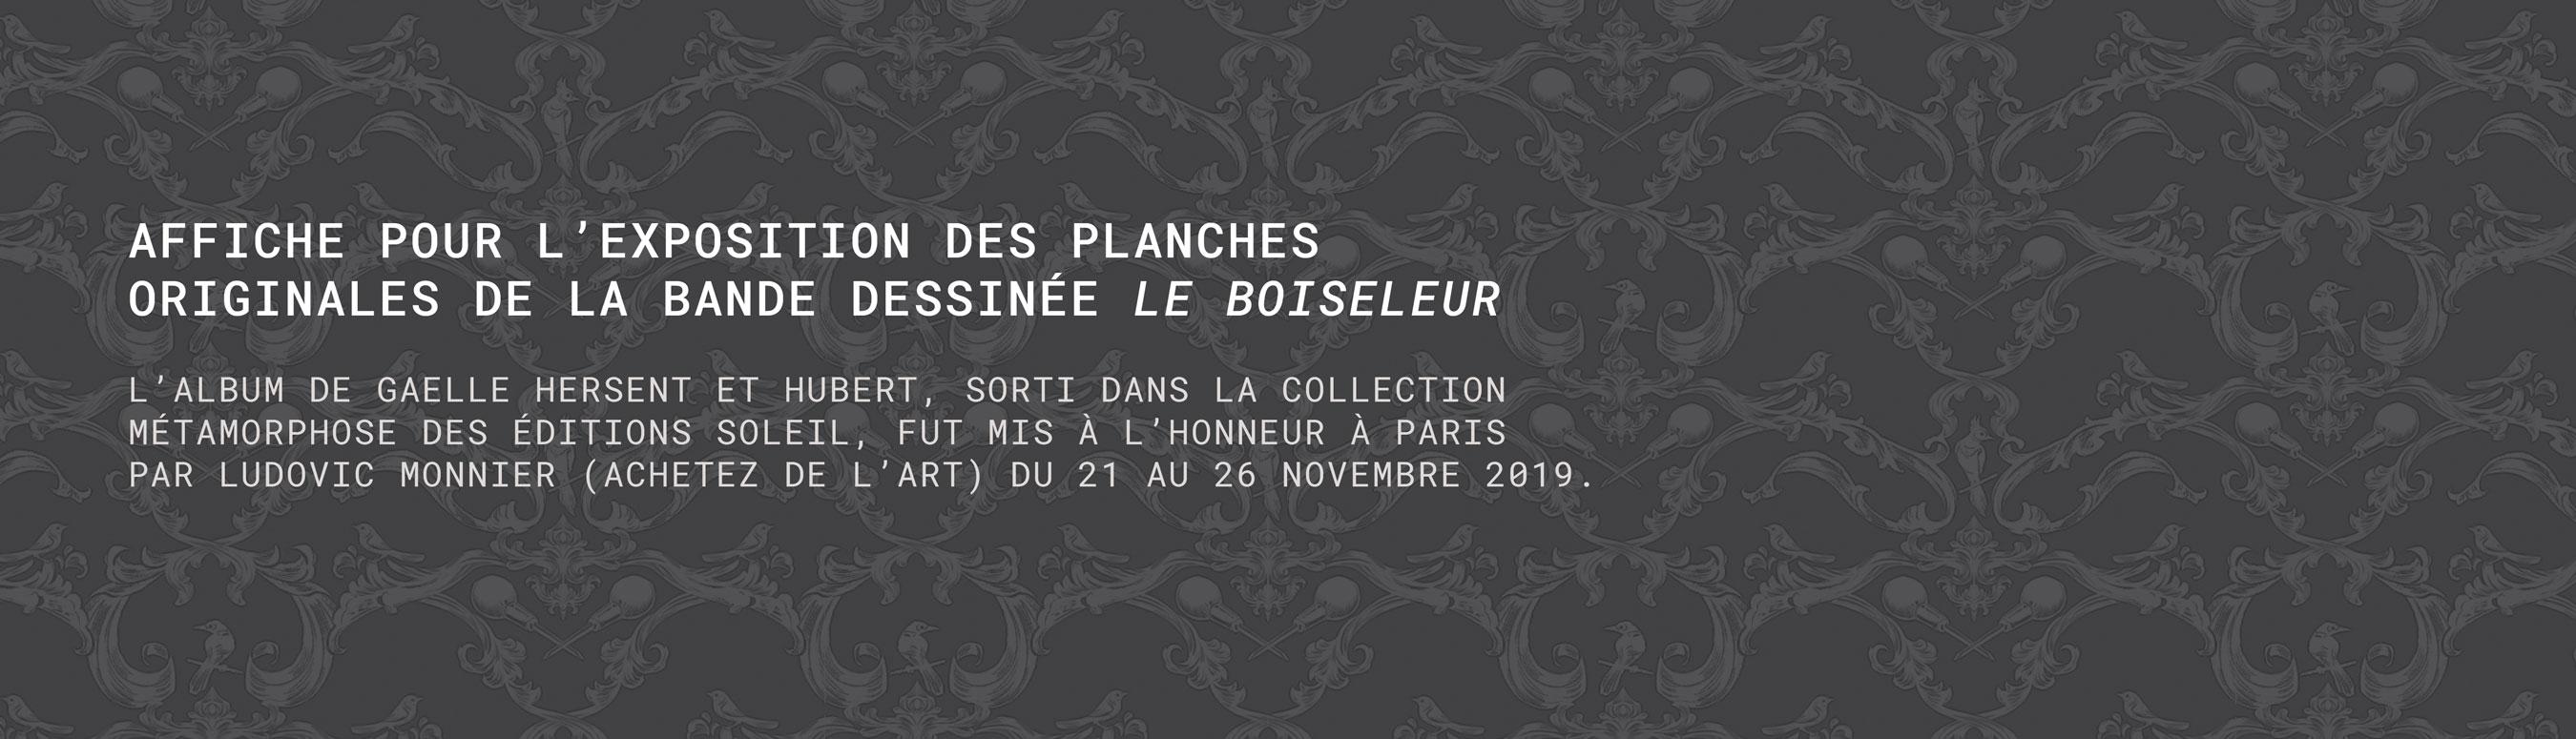 Affiche exposition Le Boiseleur 1